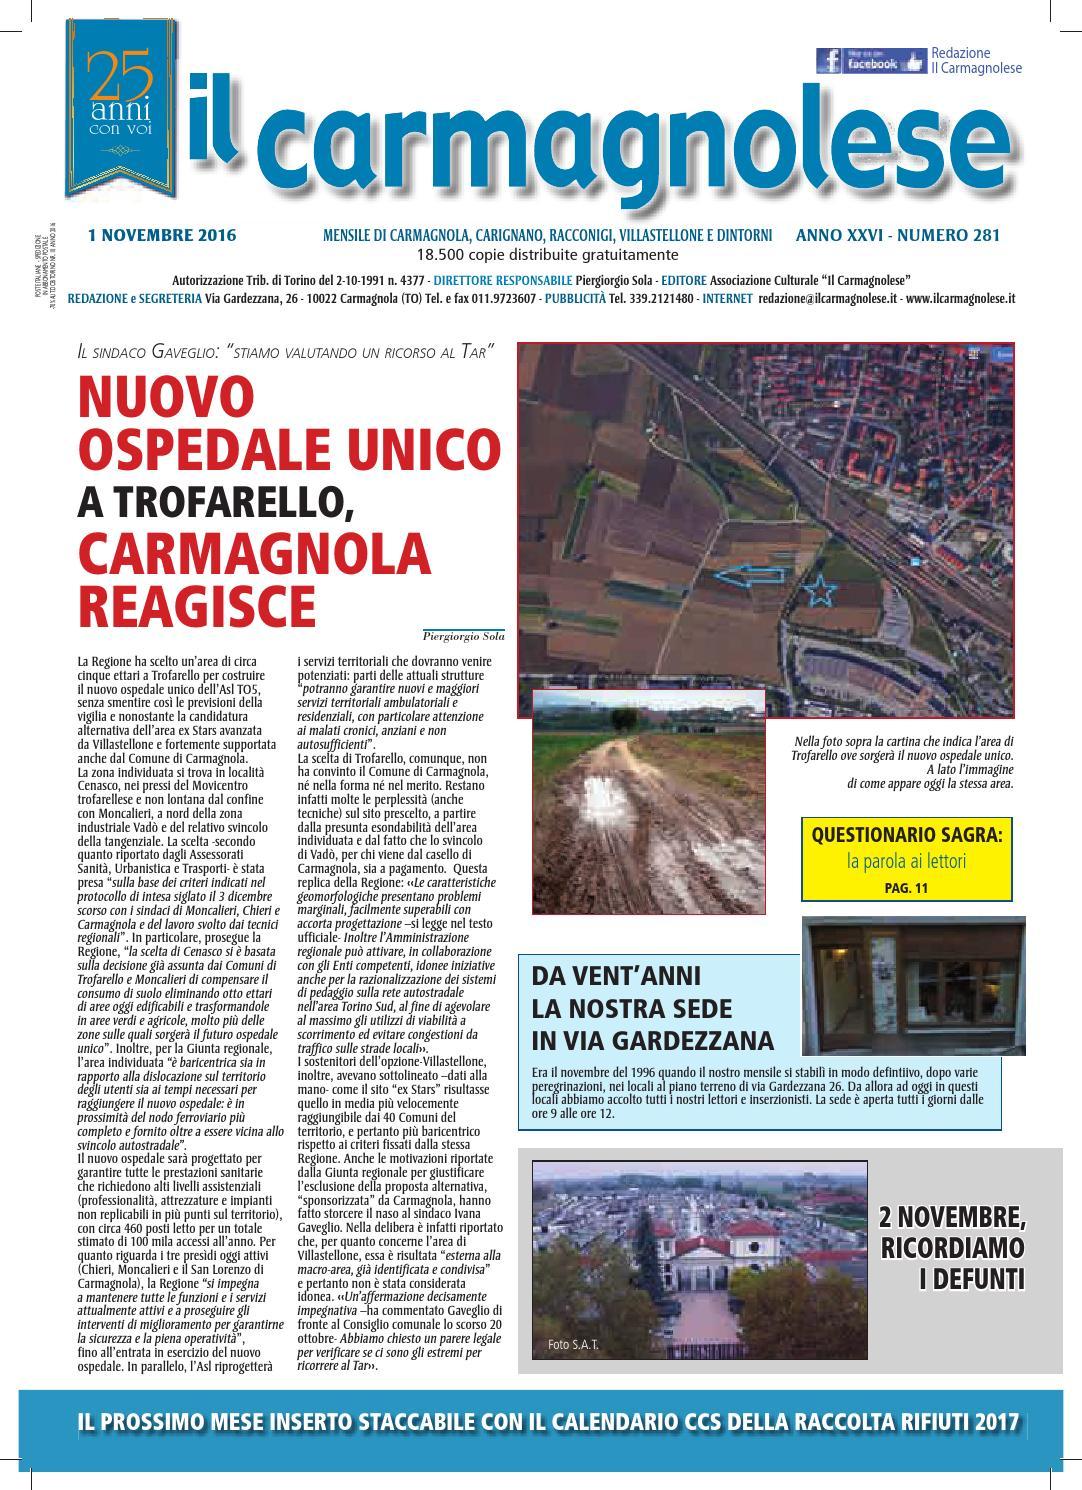 Centro Del Materasso Carmagnola.Il Carmagnolese Novembre 2016 By Redazione Il Carmagnolese Issuu